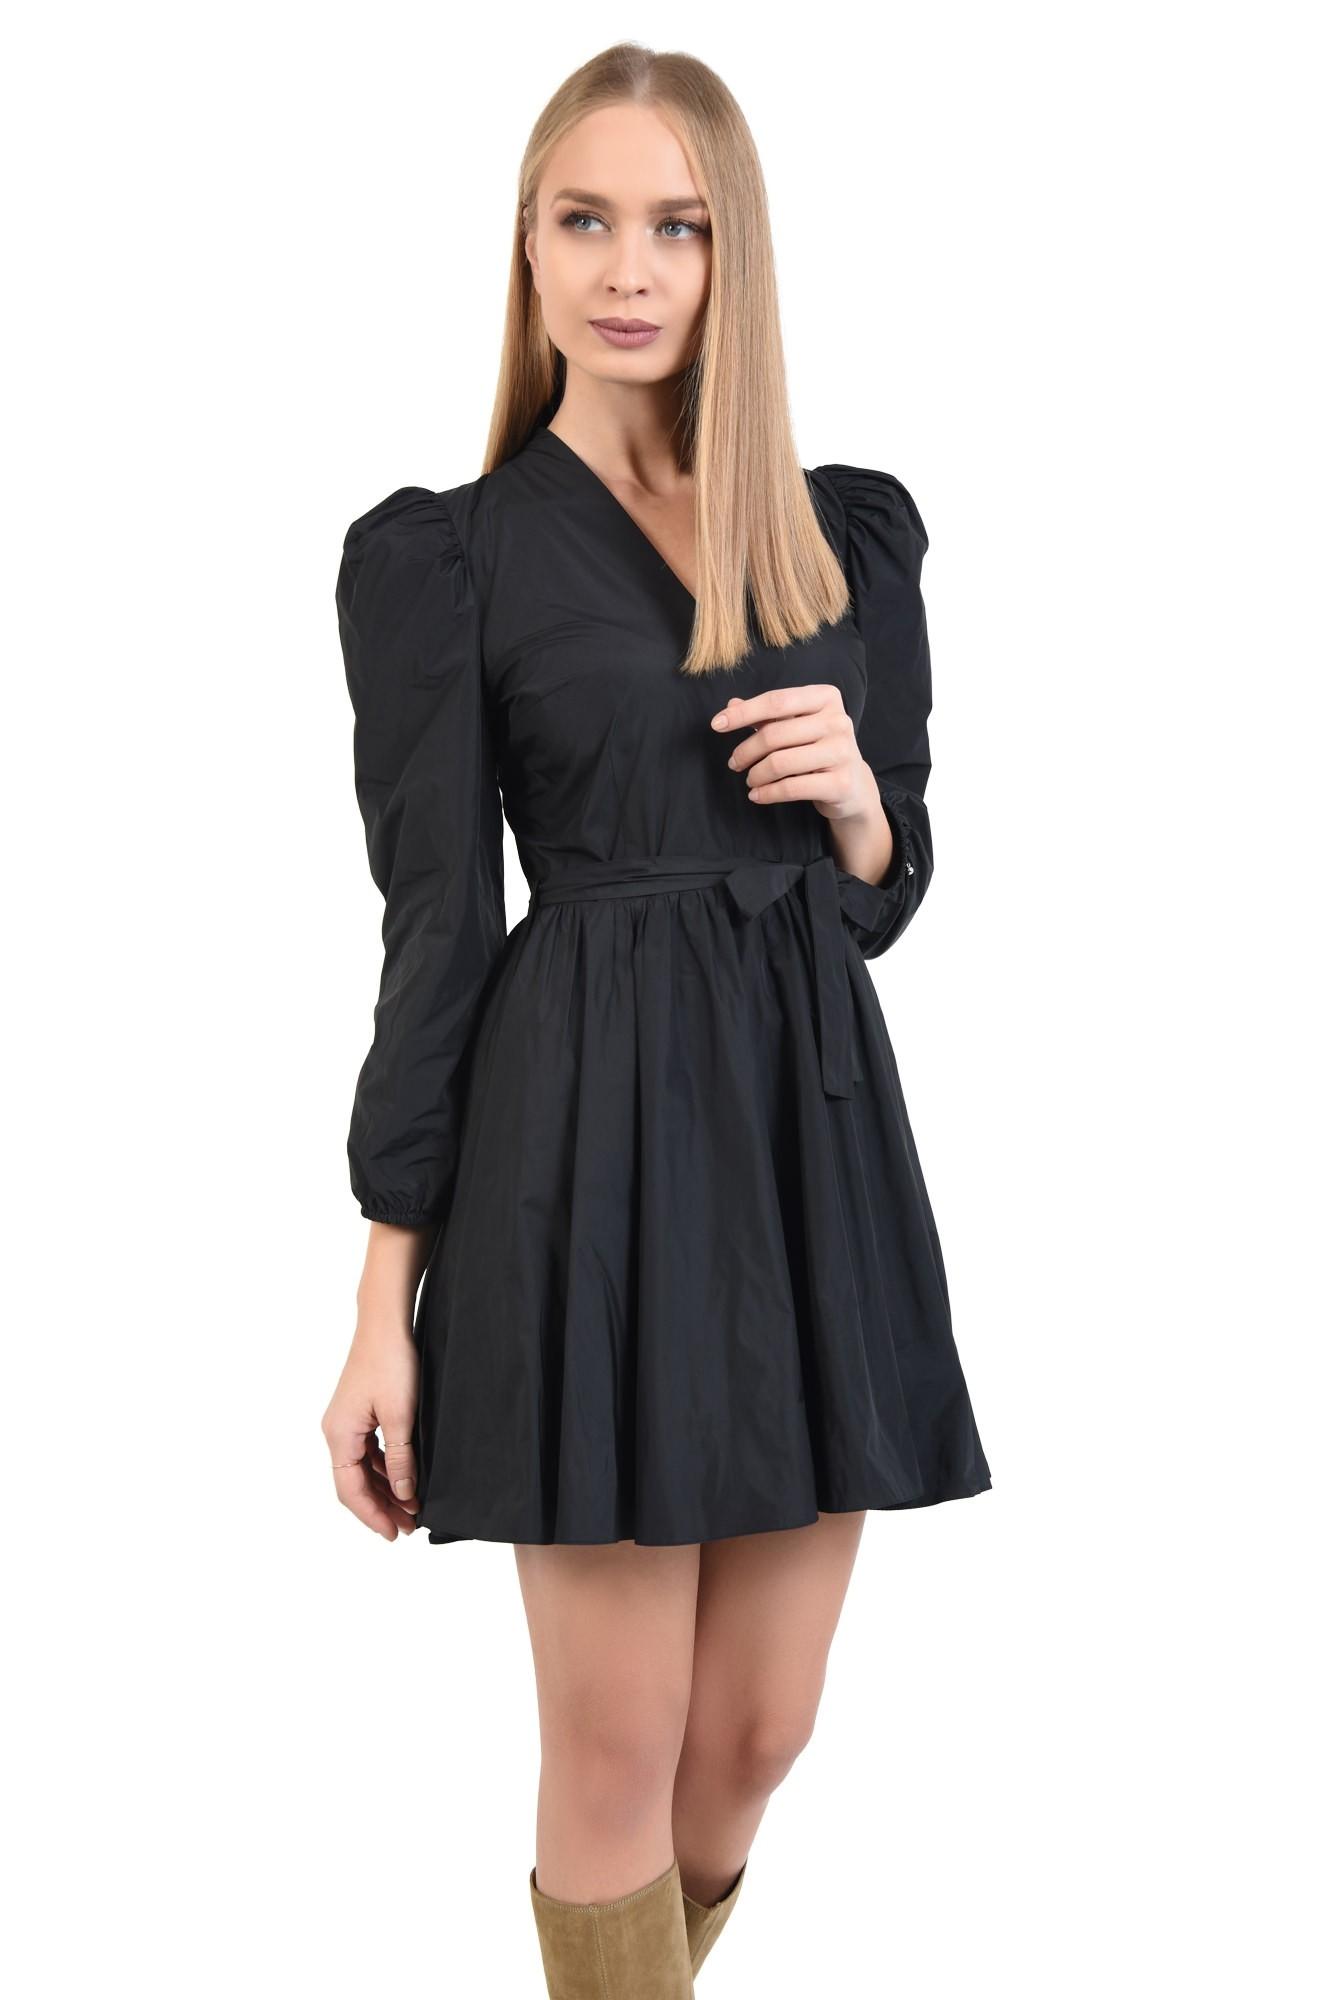 rochie casual, neagra, scurta, maneci lungi bufante, funda la talie